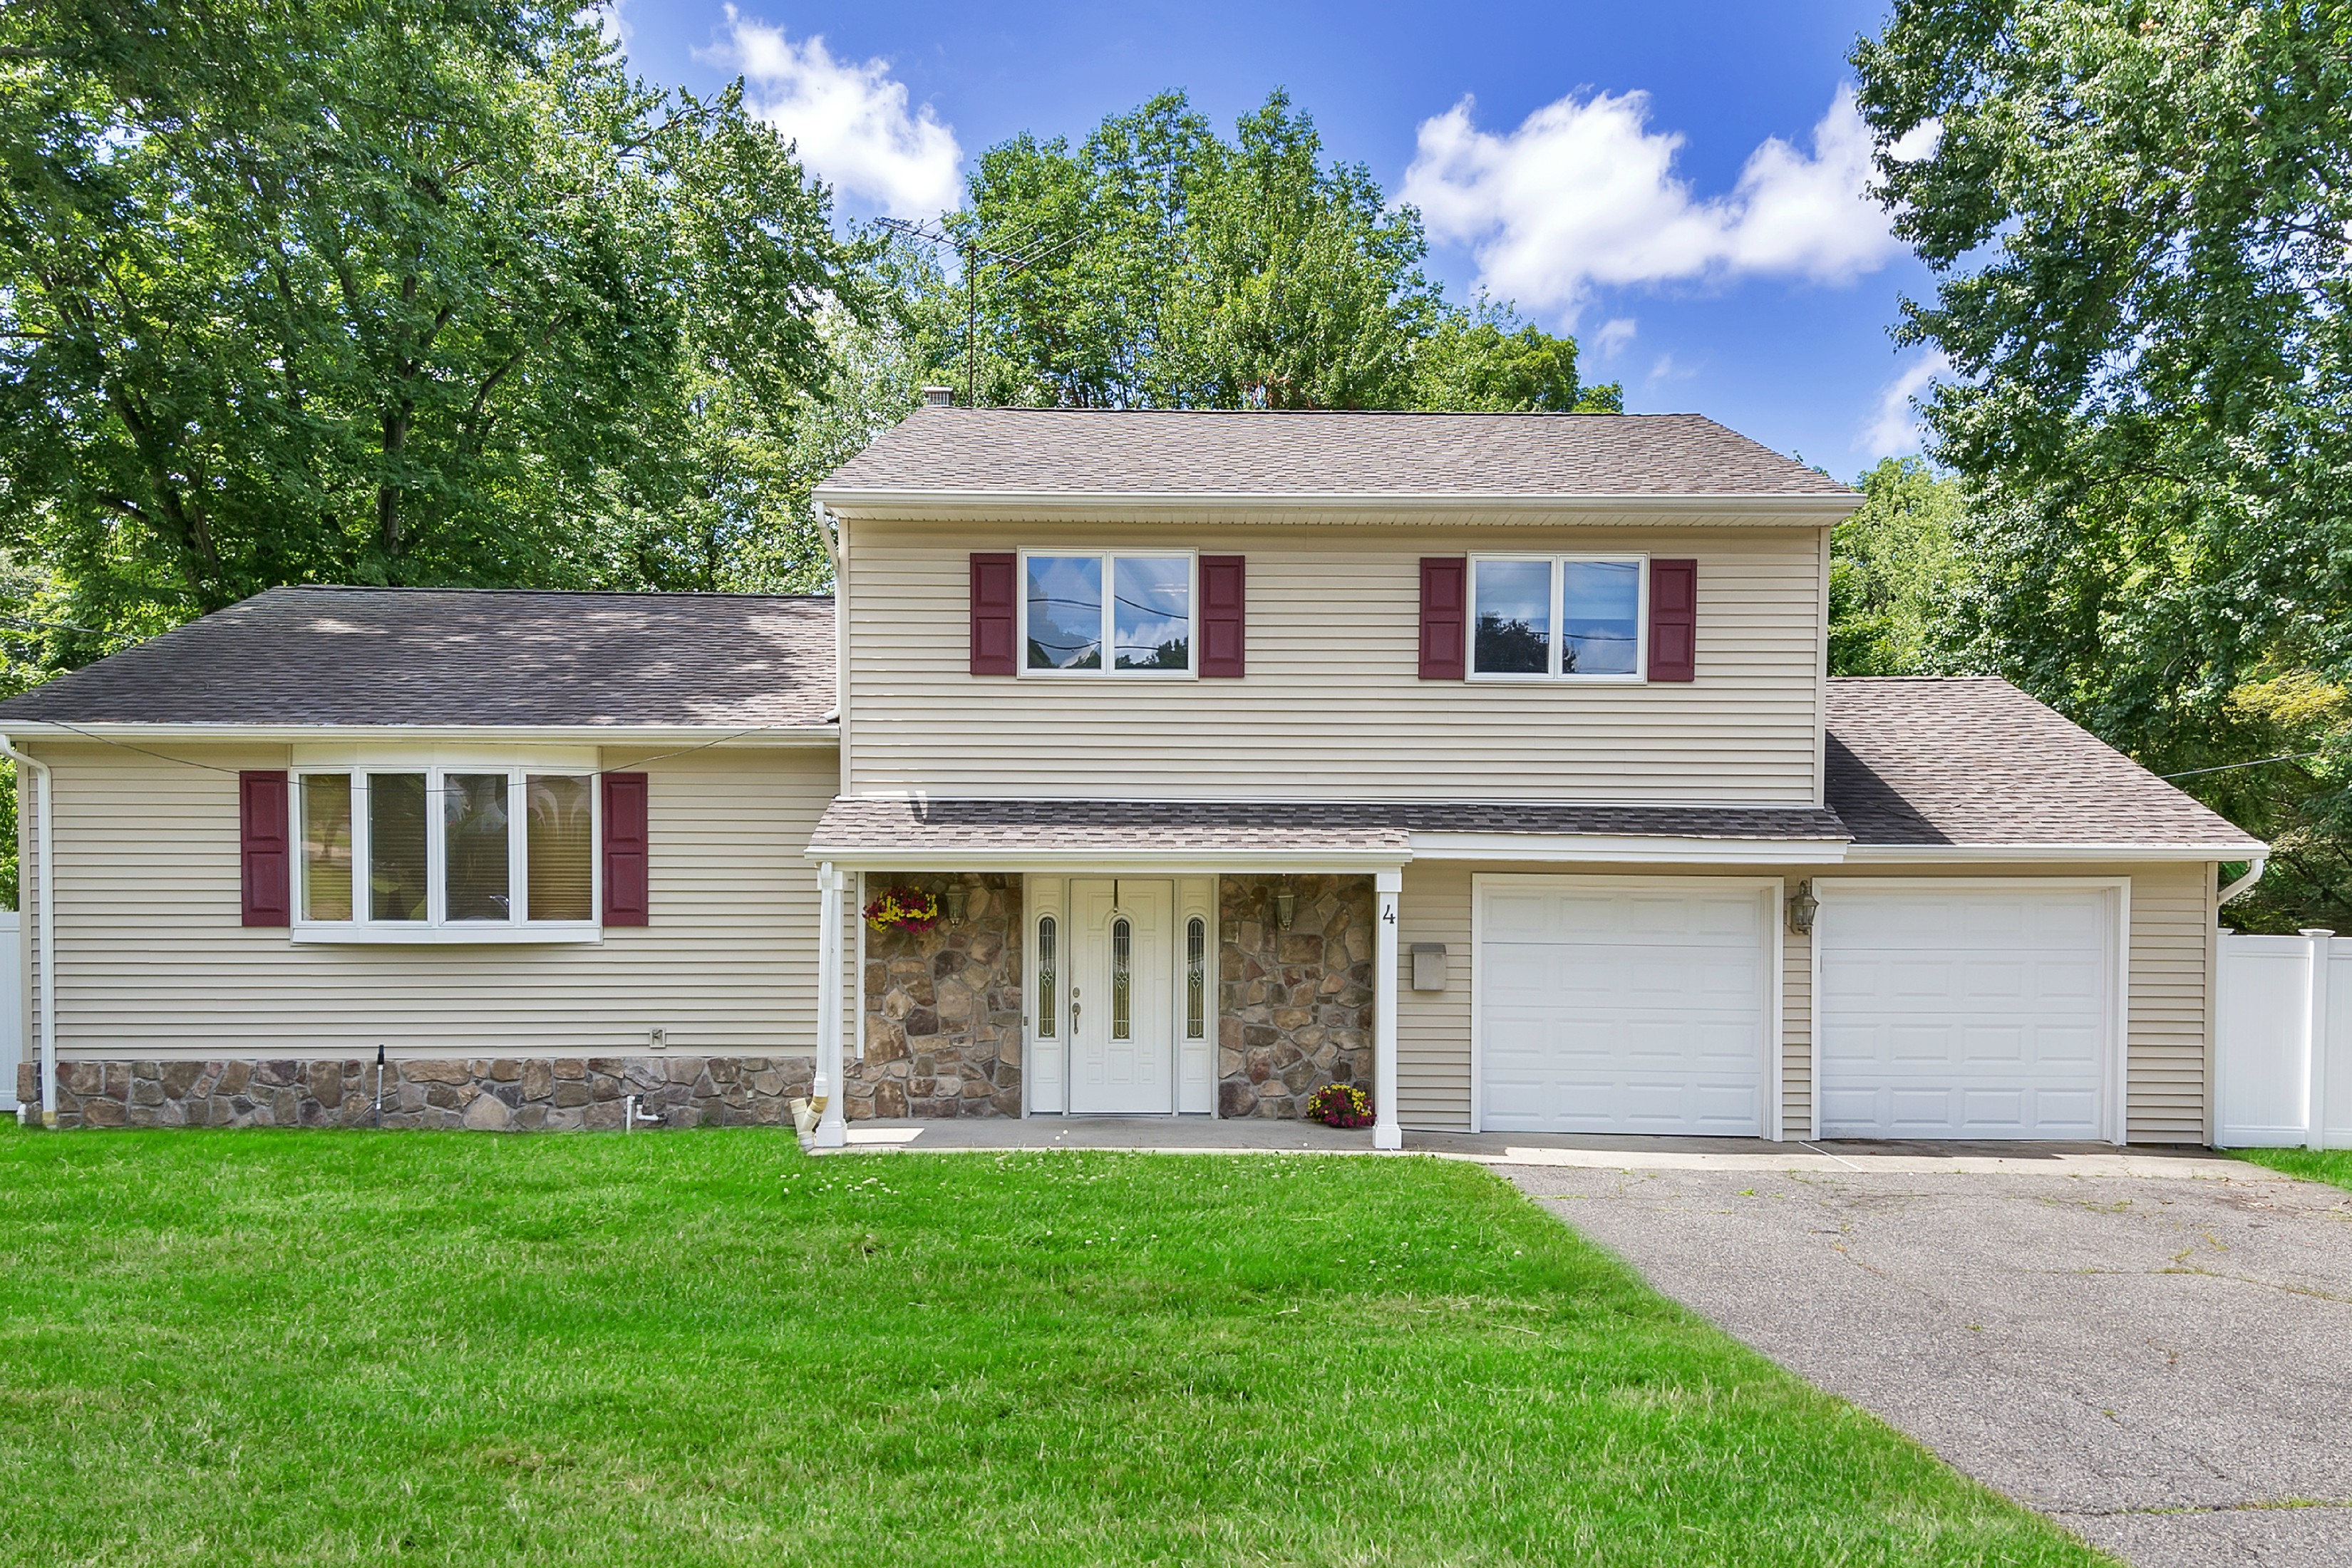 Maison unifamiliale pour l Vente à Updated Split Level with Pool 4 Delaware Court Wayne, New Jersey 07470 États-Unis